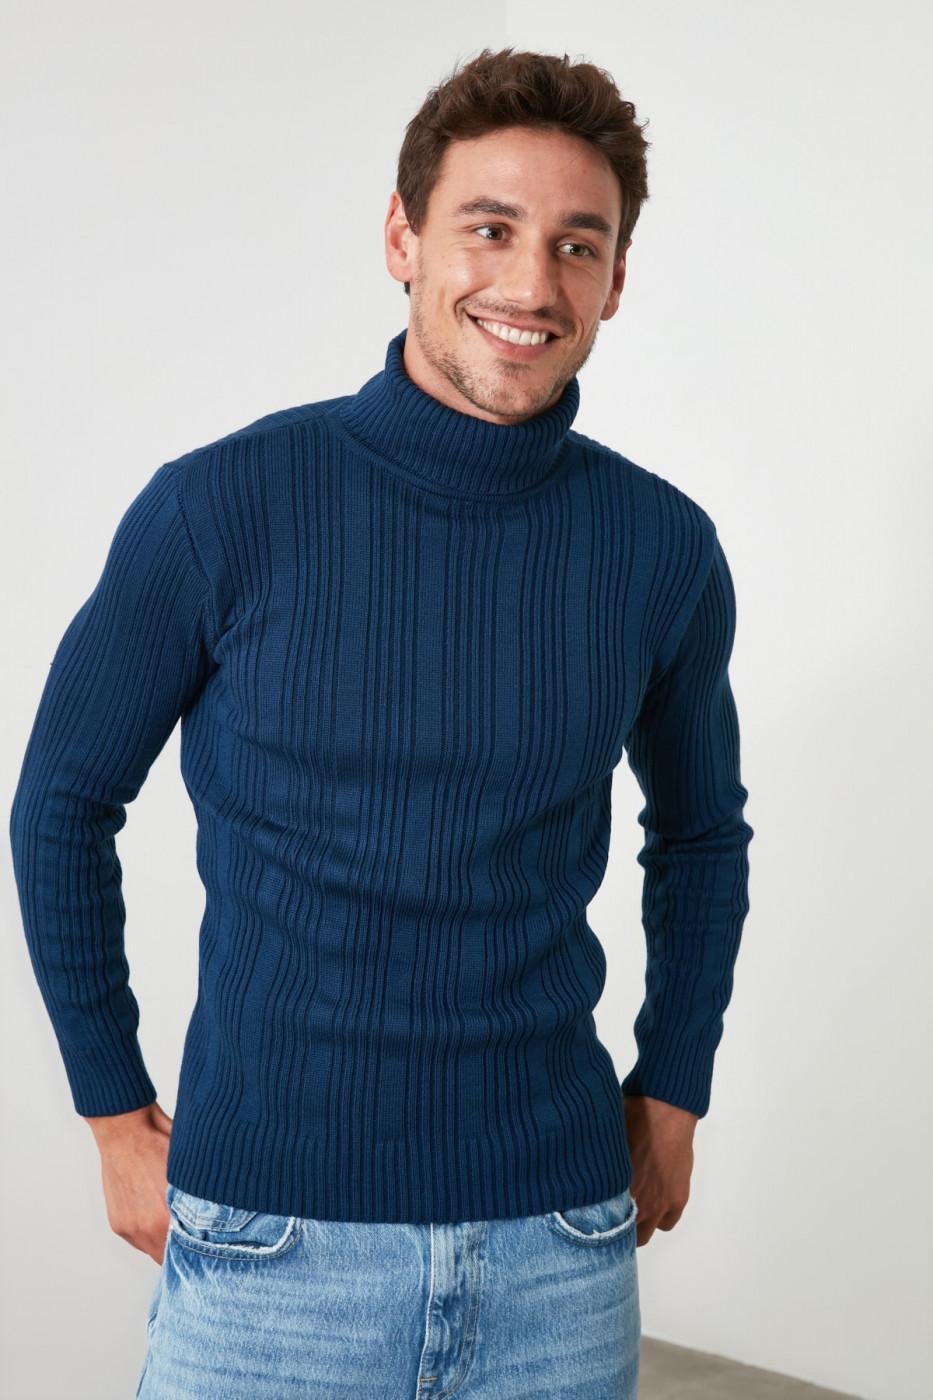 Trendyol Oil Male Turtleneck Textured Knitwear Sweater